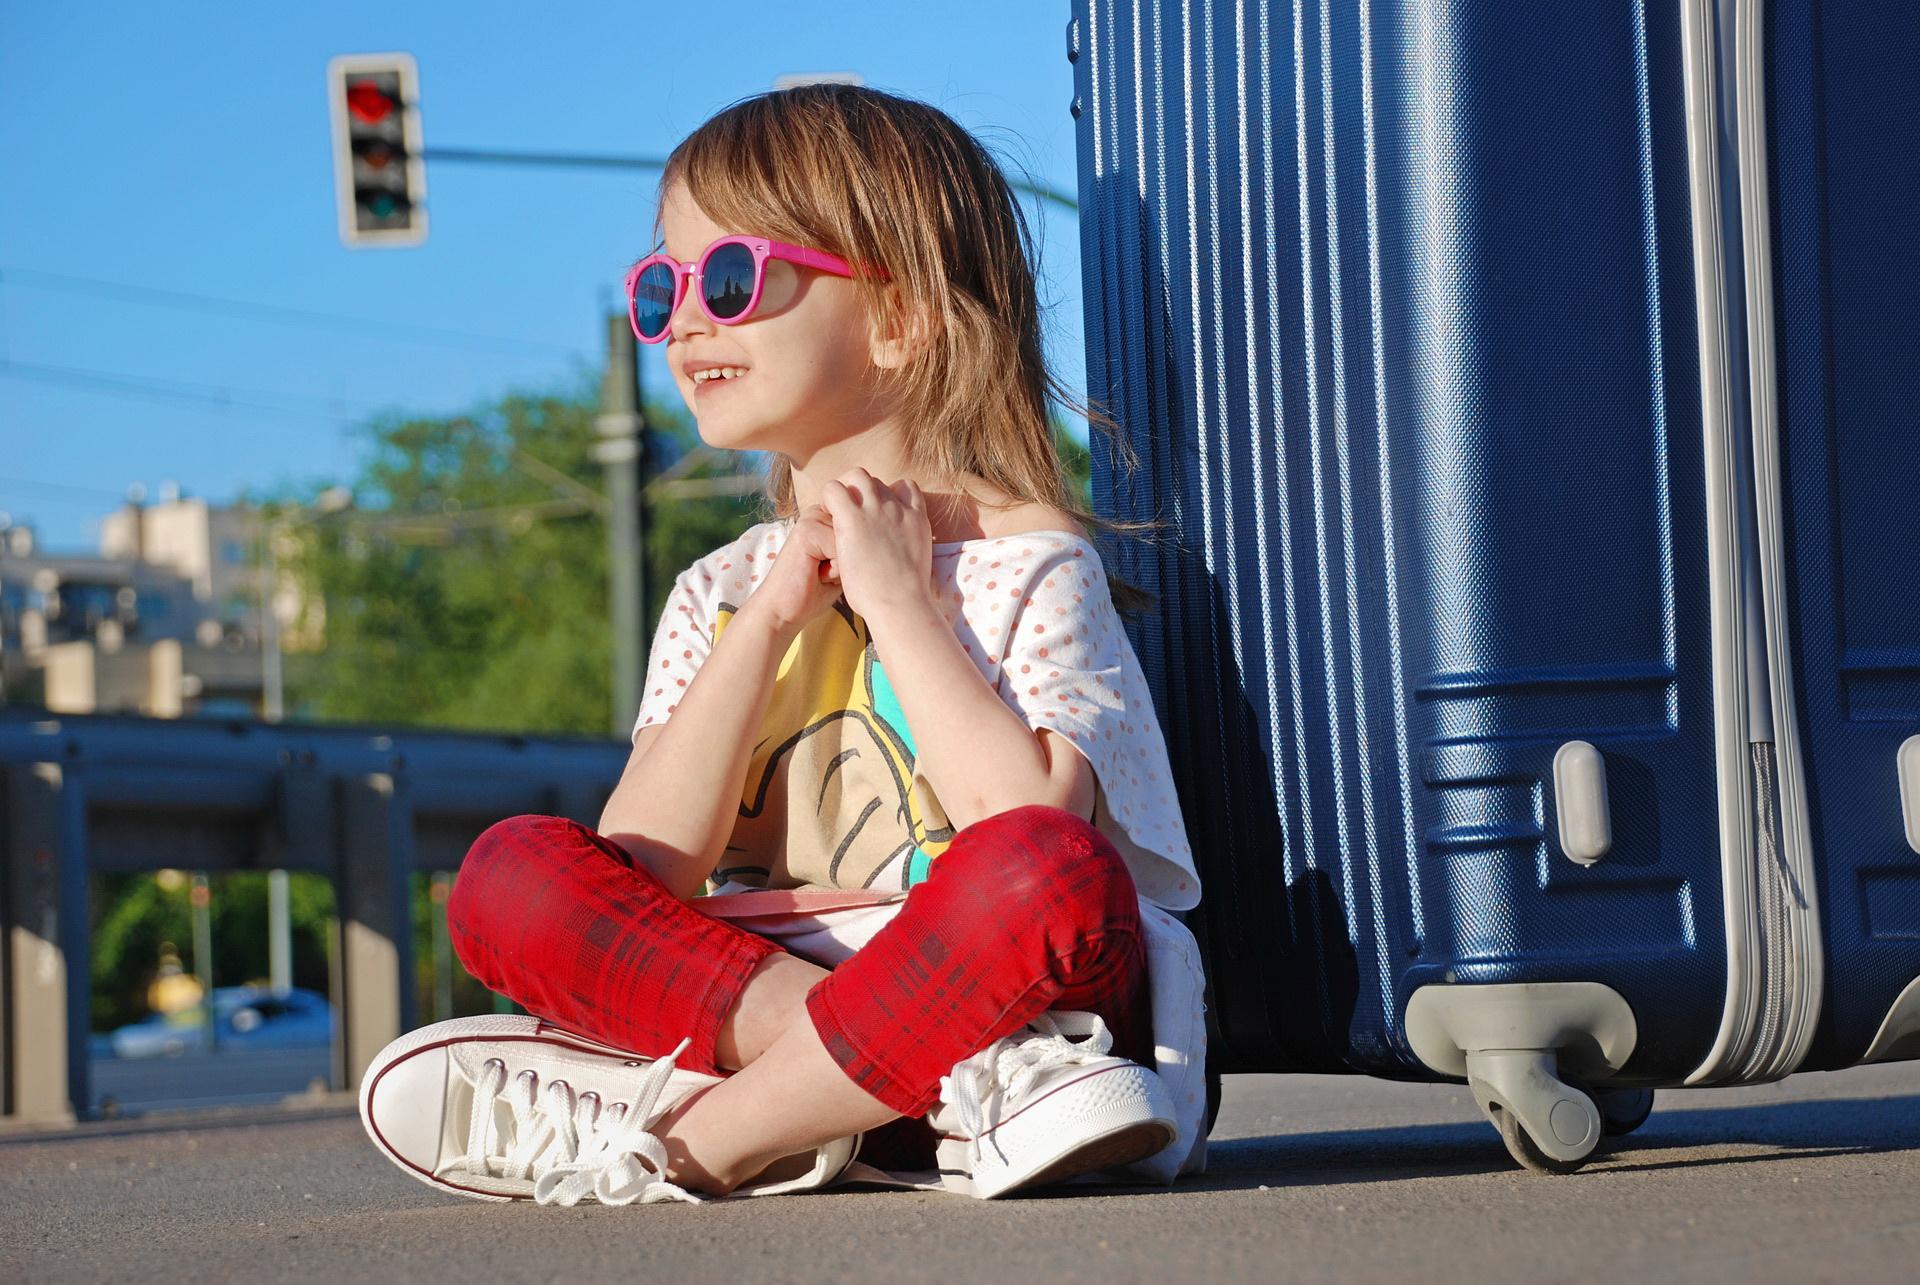 zagadka o okularach, zgadywanki edukacyjne dla dzieci